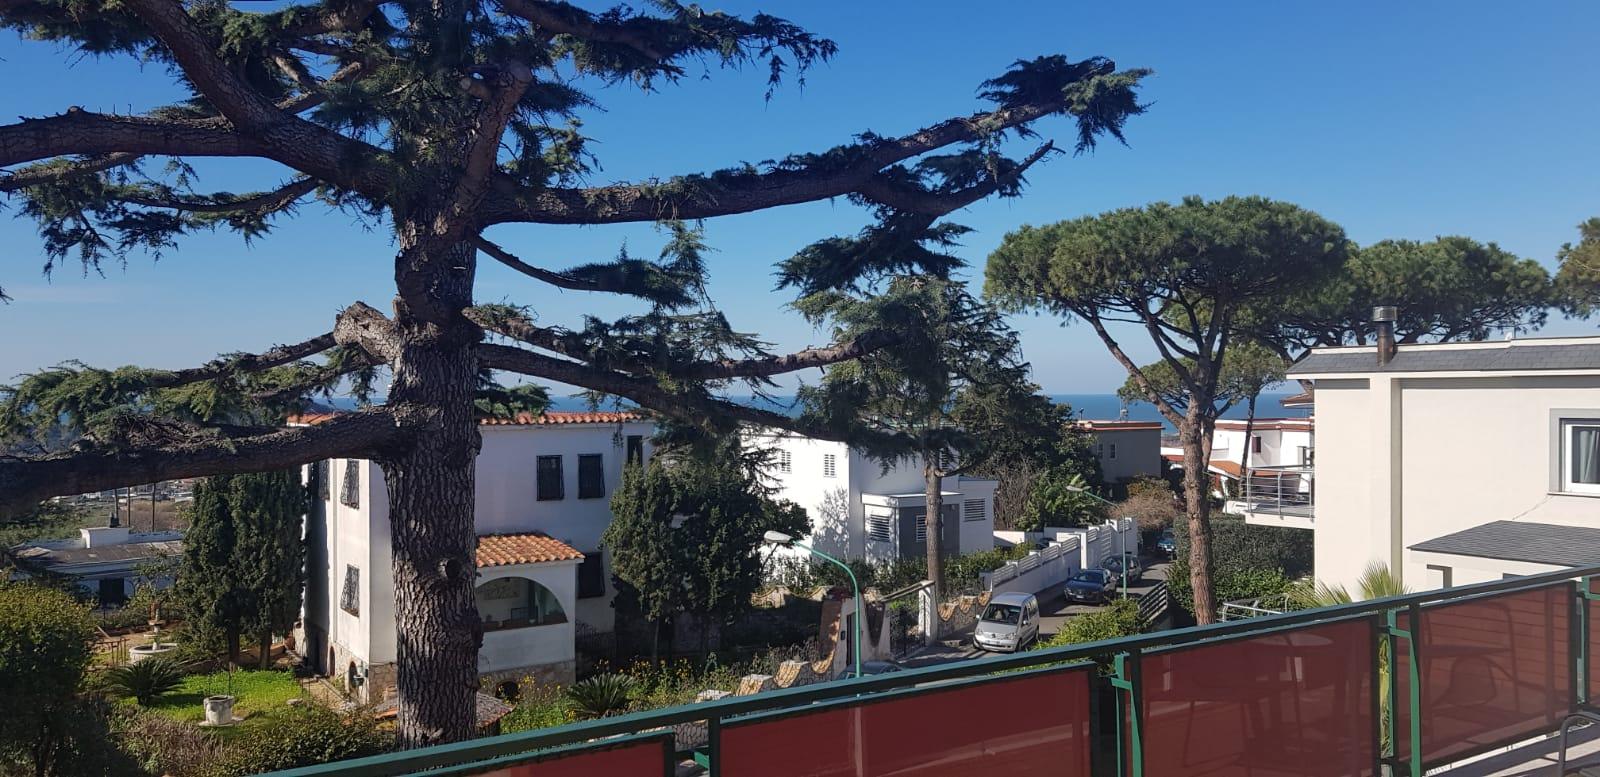 Monteruscello, In Parco, Villa Bifamiliare 280mq Panoramica, Giardino 500mq, Terrazzi, Cantinola, 2 Posti Auto Coperti